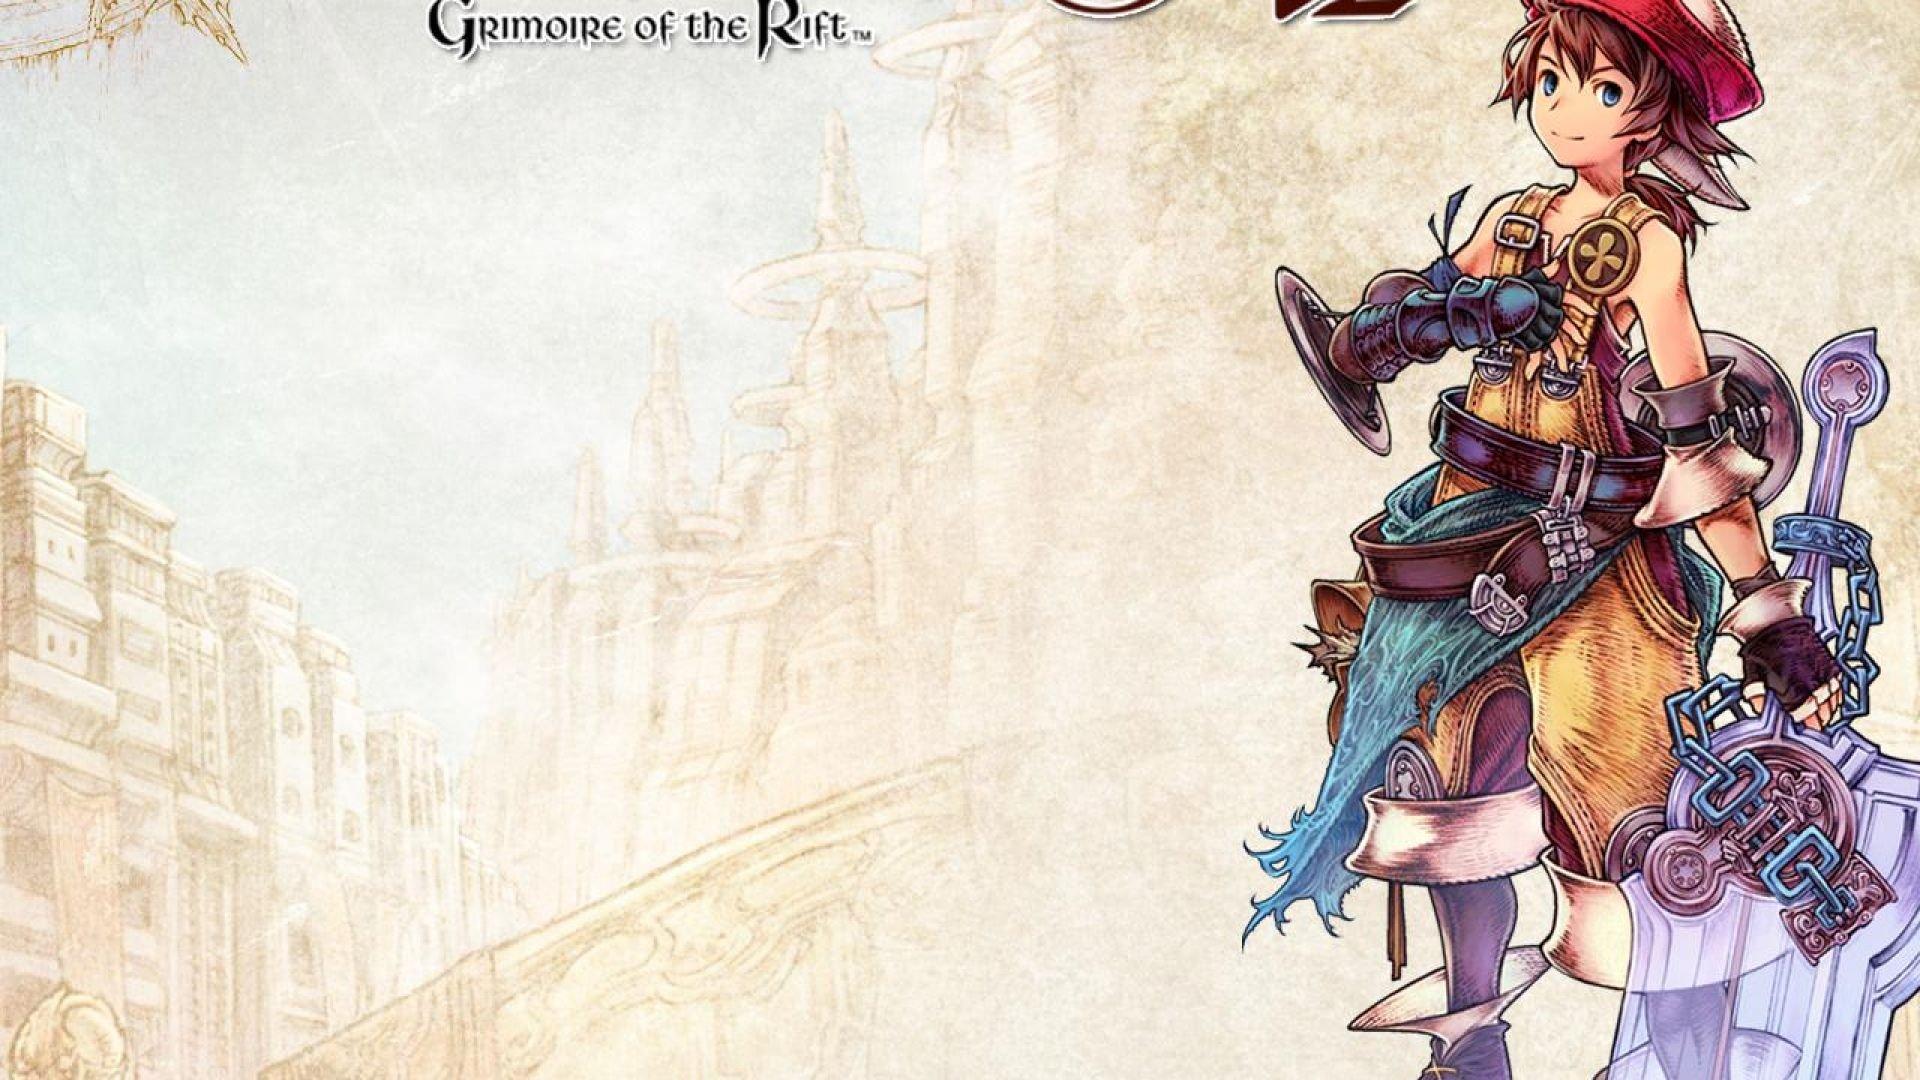 Final Fantasy Tactics Wallpaper Sf Wallpaper